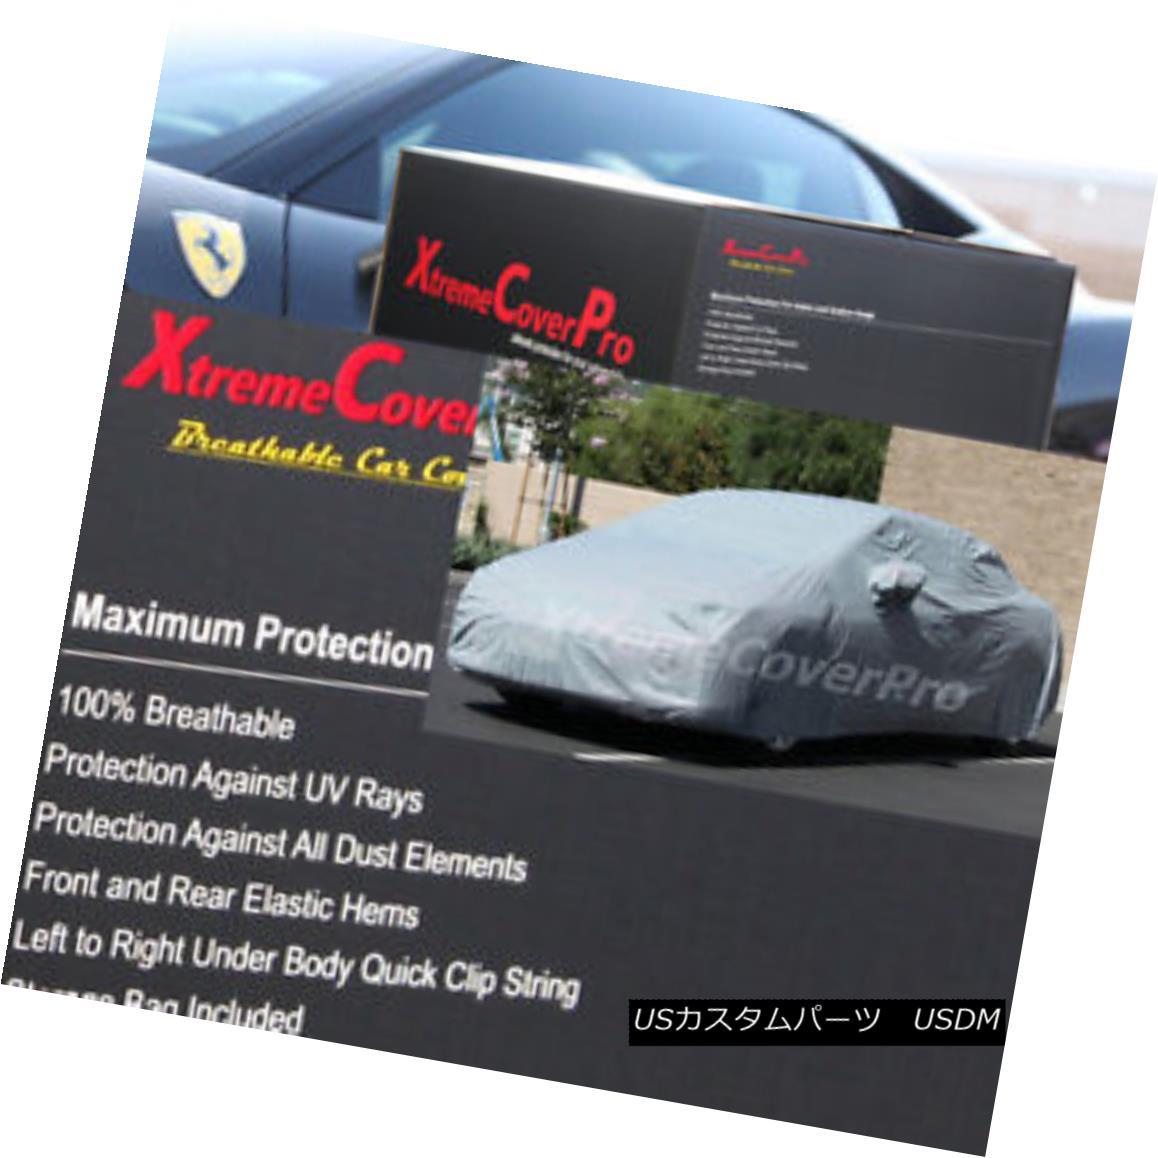 カーカバー 2015 DODGE DART Breathable Car Cover w/Mirror Pockets - Gray 2015 DODGE DART通気性の車カバー、ミラーポケット付き - グレー